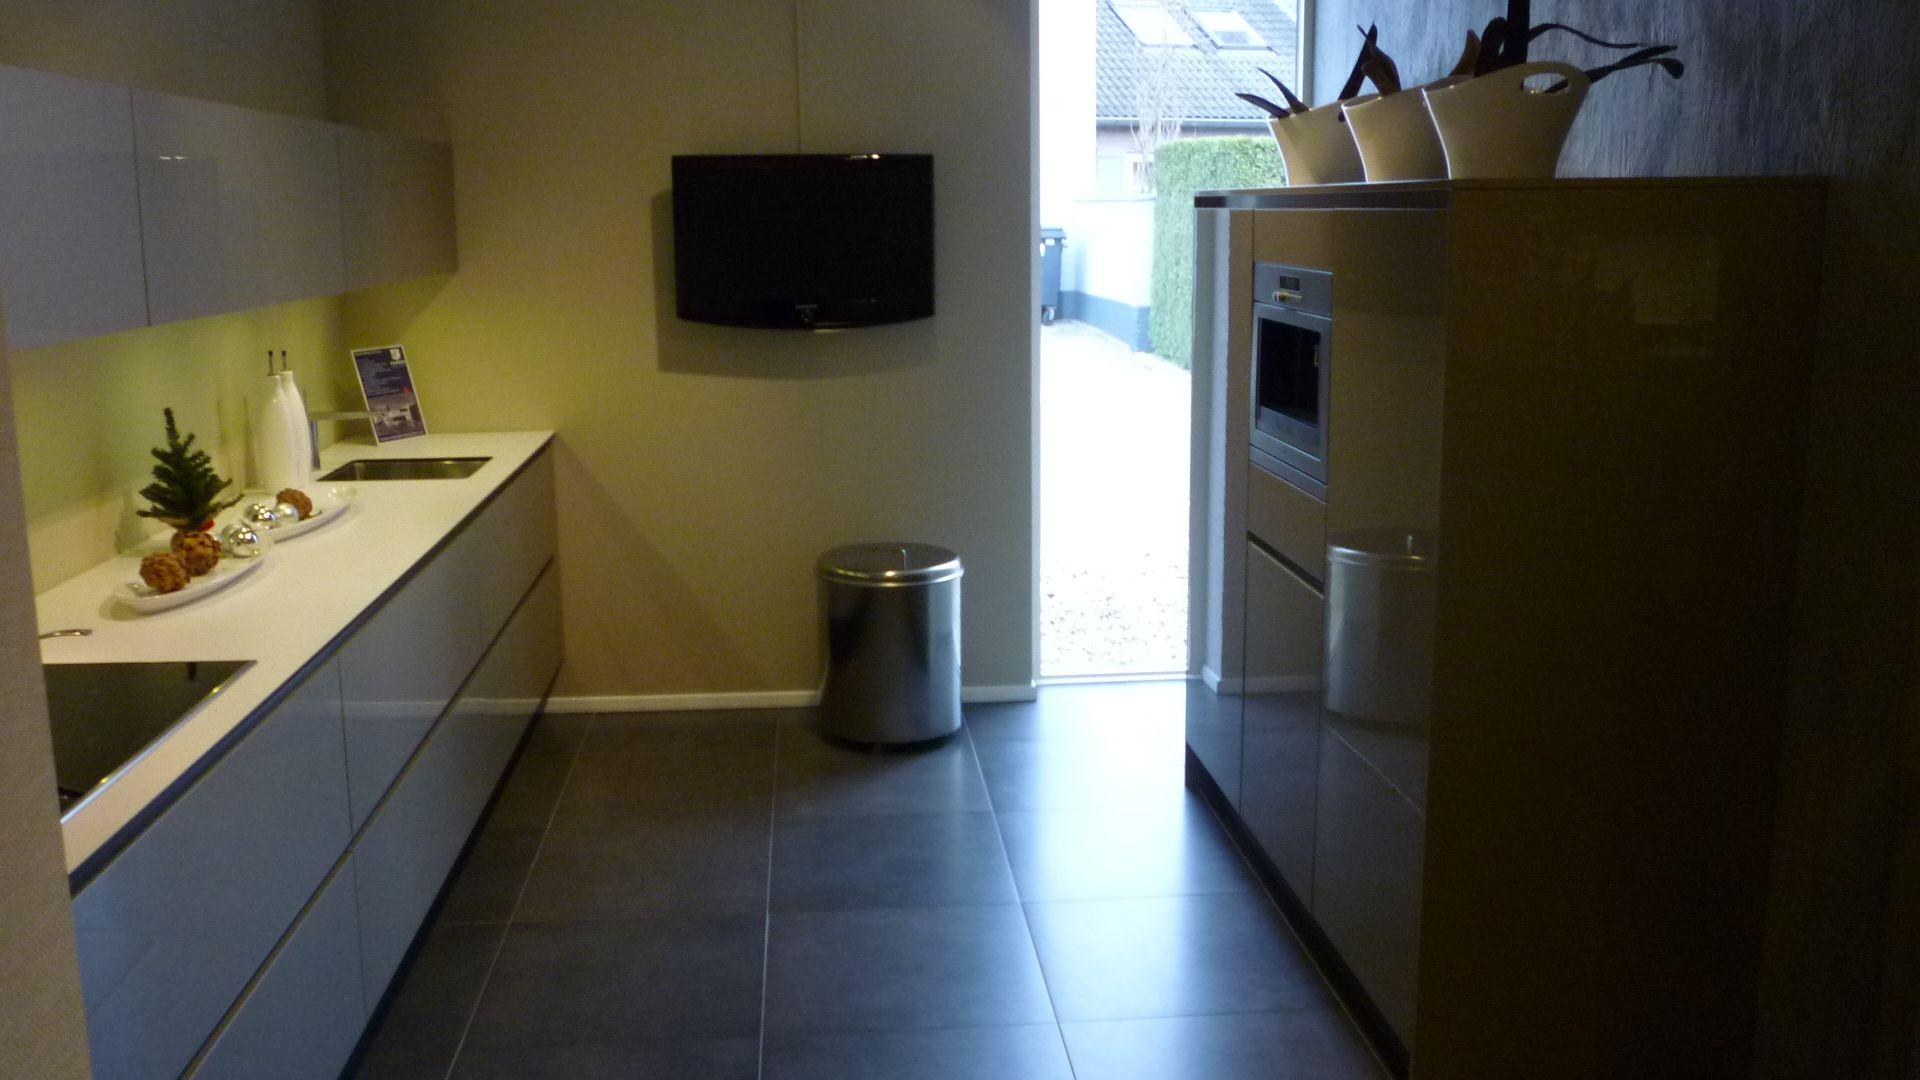 De voordeligste woonwinkel van nederland champagne hoogglans keuken 49334 - Afbeelding van keuken amenagee ...